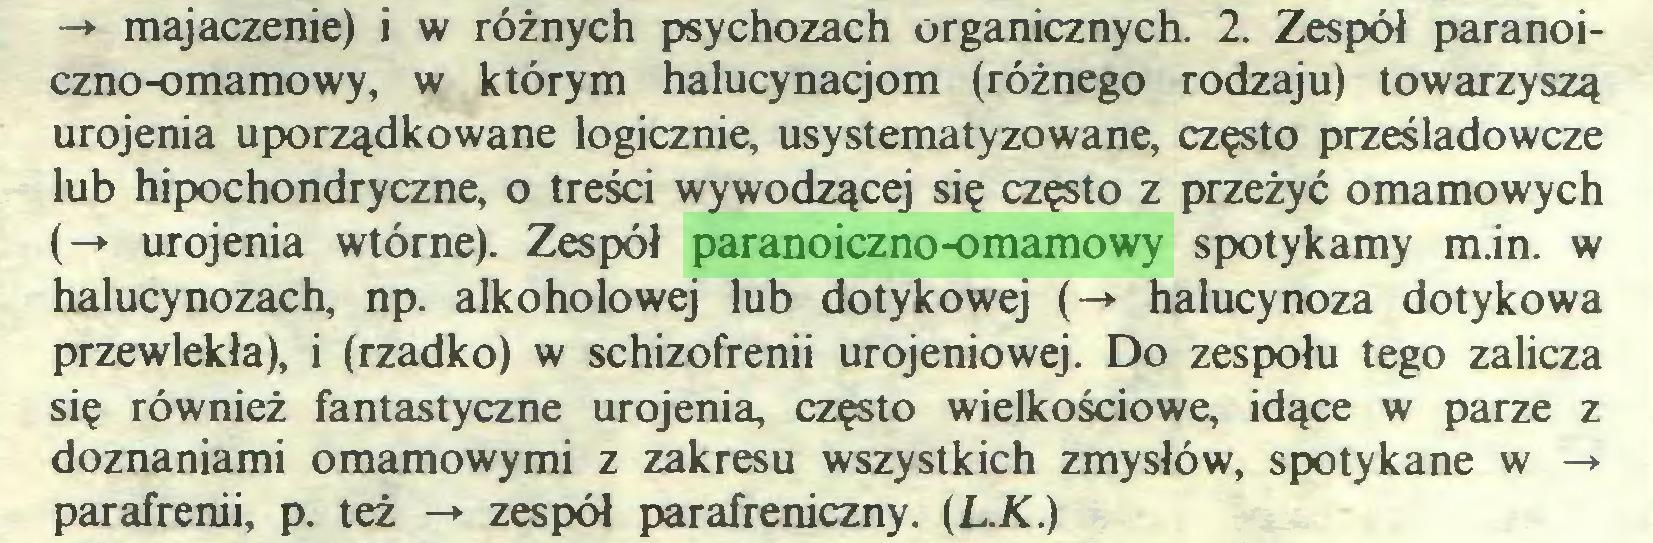 (...) -*• majaczenie) i w różnych psychozach organicznych. 2. Zespół paranoiczno-omamowy, w którym halucynacjom (różnego rodzaju) towarzyszą urojenia uporządkowane logicznie, usystematyzowane, często prześladowcze lub hipochondryczne, o treści wywodzącej się często z przeżyć omamowych (-» urojenia wtórne). Zespół paranoiczno-omamowy spotykamy m.in. w halucynozach, np. alkoholowej lub dotykowej (-» halucynoza dotykowa przewlekła), i (rzadko) w schizofrenii urojeniowej. Do zespołu tego zalicza się również fantastyczne urojenia, często wielkościowe, idące w parze z doznaniami omamowymi z zakresu wszystkich zmysłów, spotykane w -+ parafrenii, p. też -» zespół parafreniczny. (L.K.)...